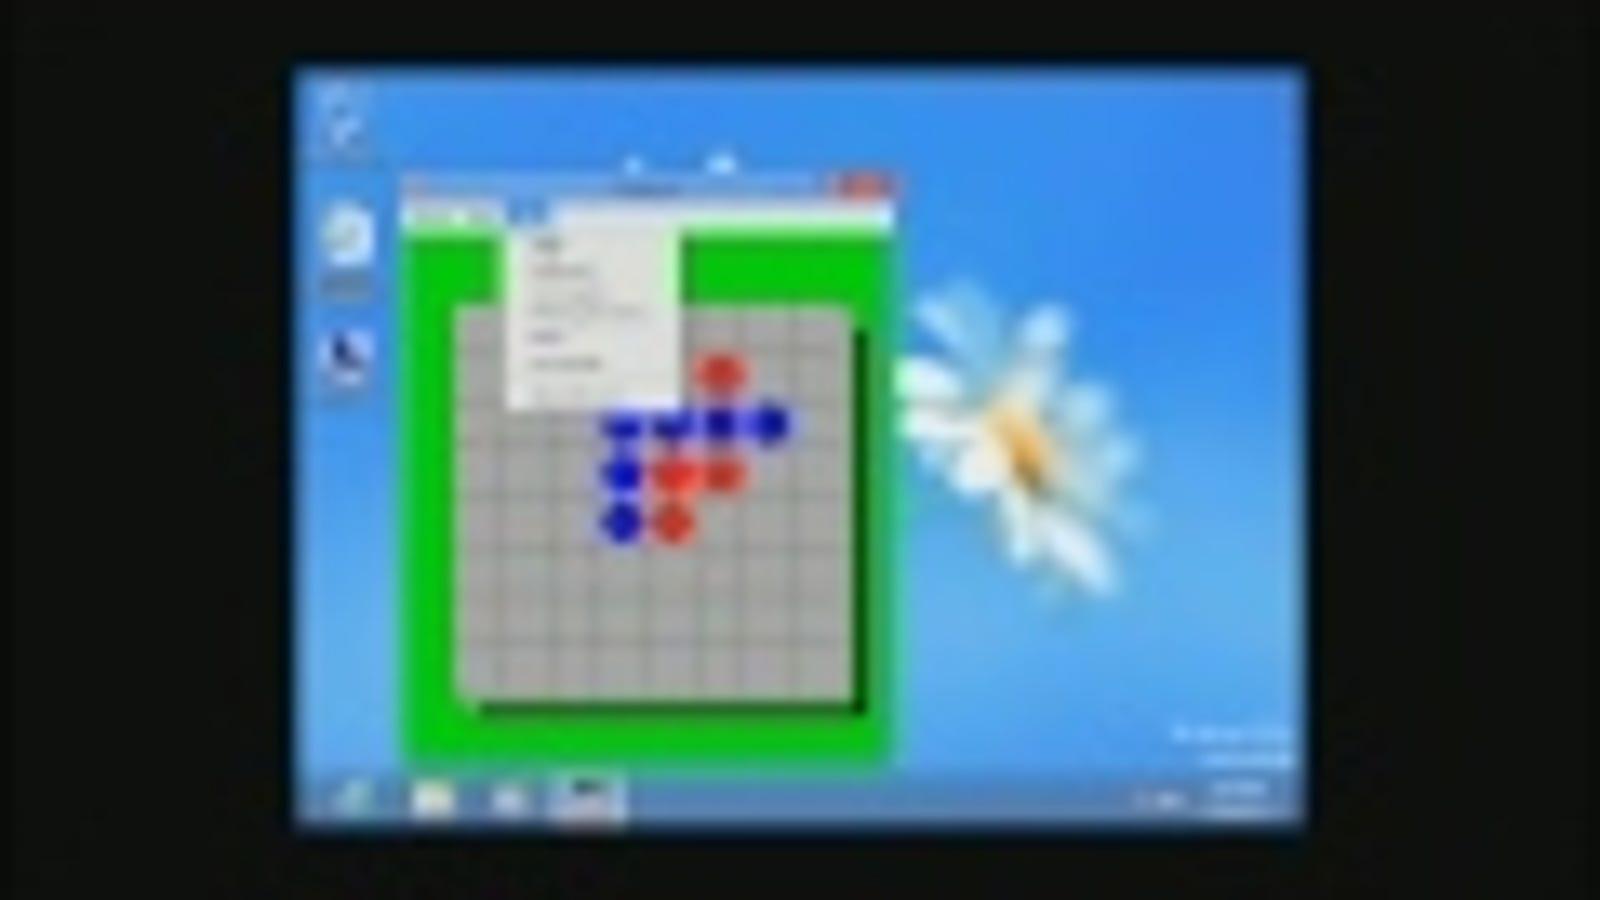 Cómo actualizar Windows 1 a Windows 8 en un solo vídeo